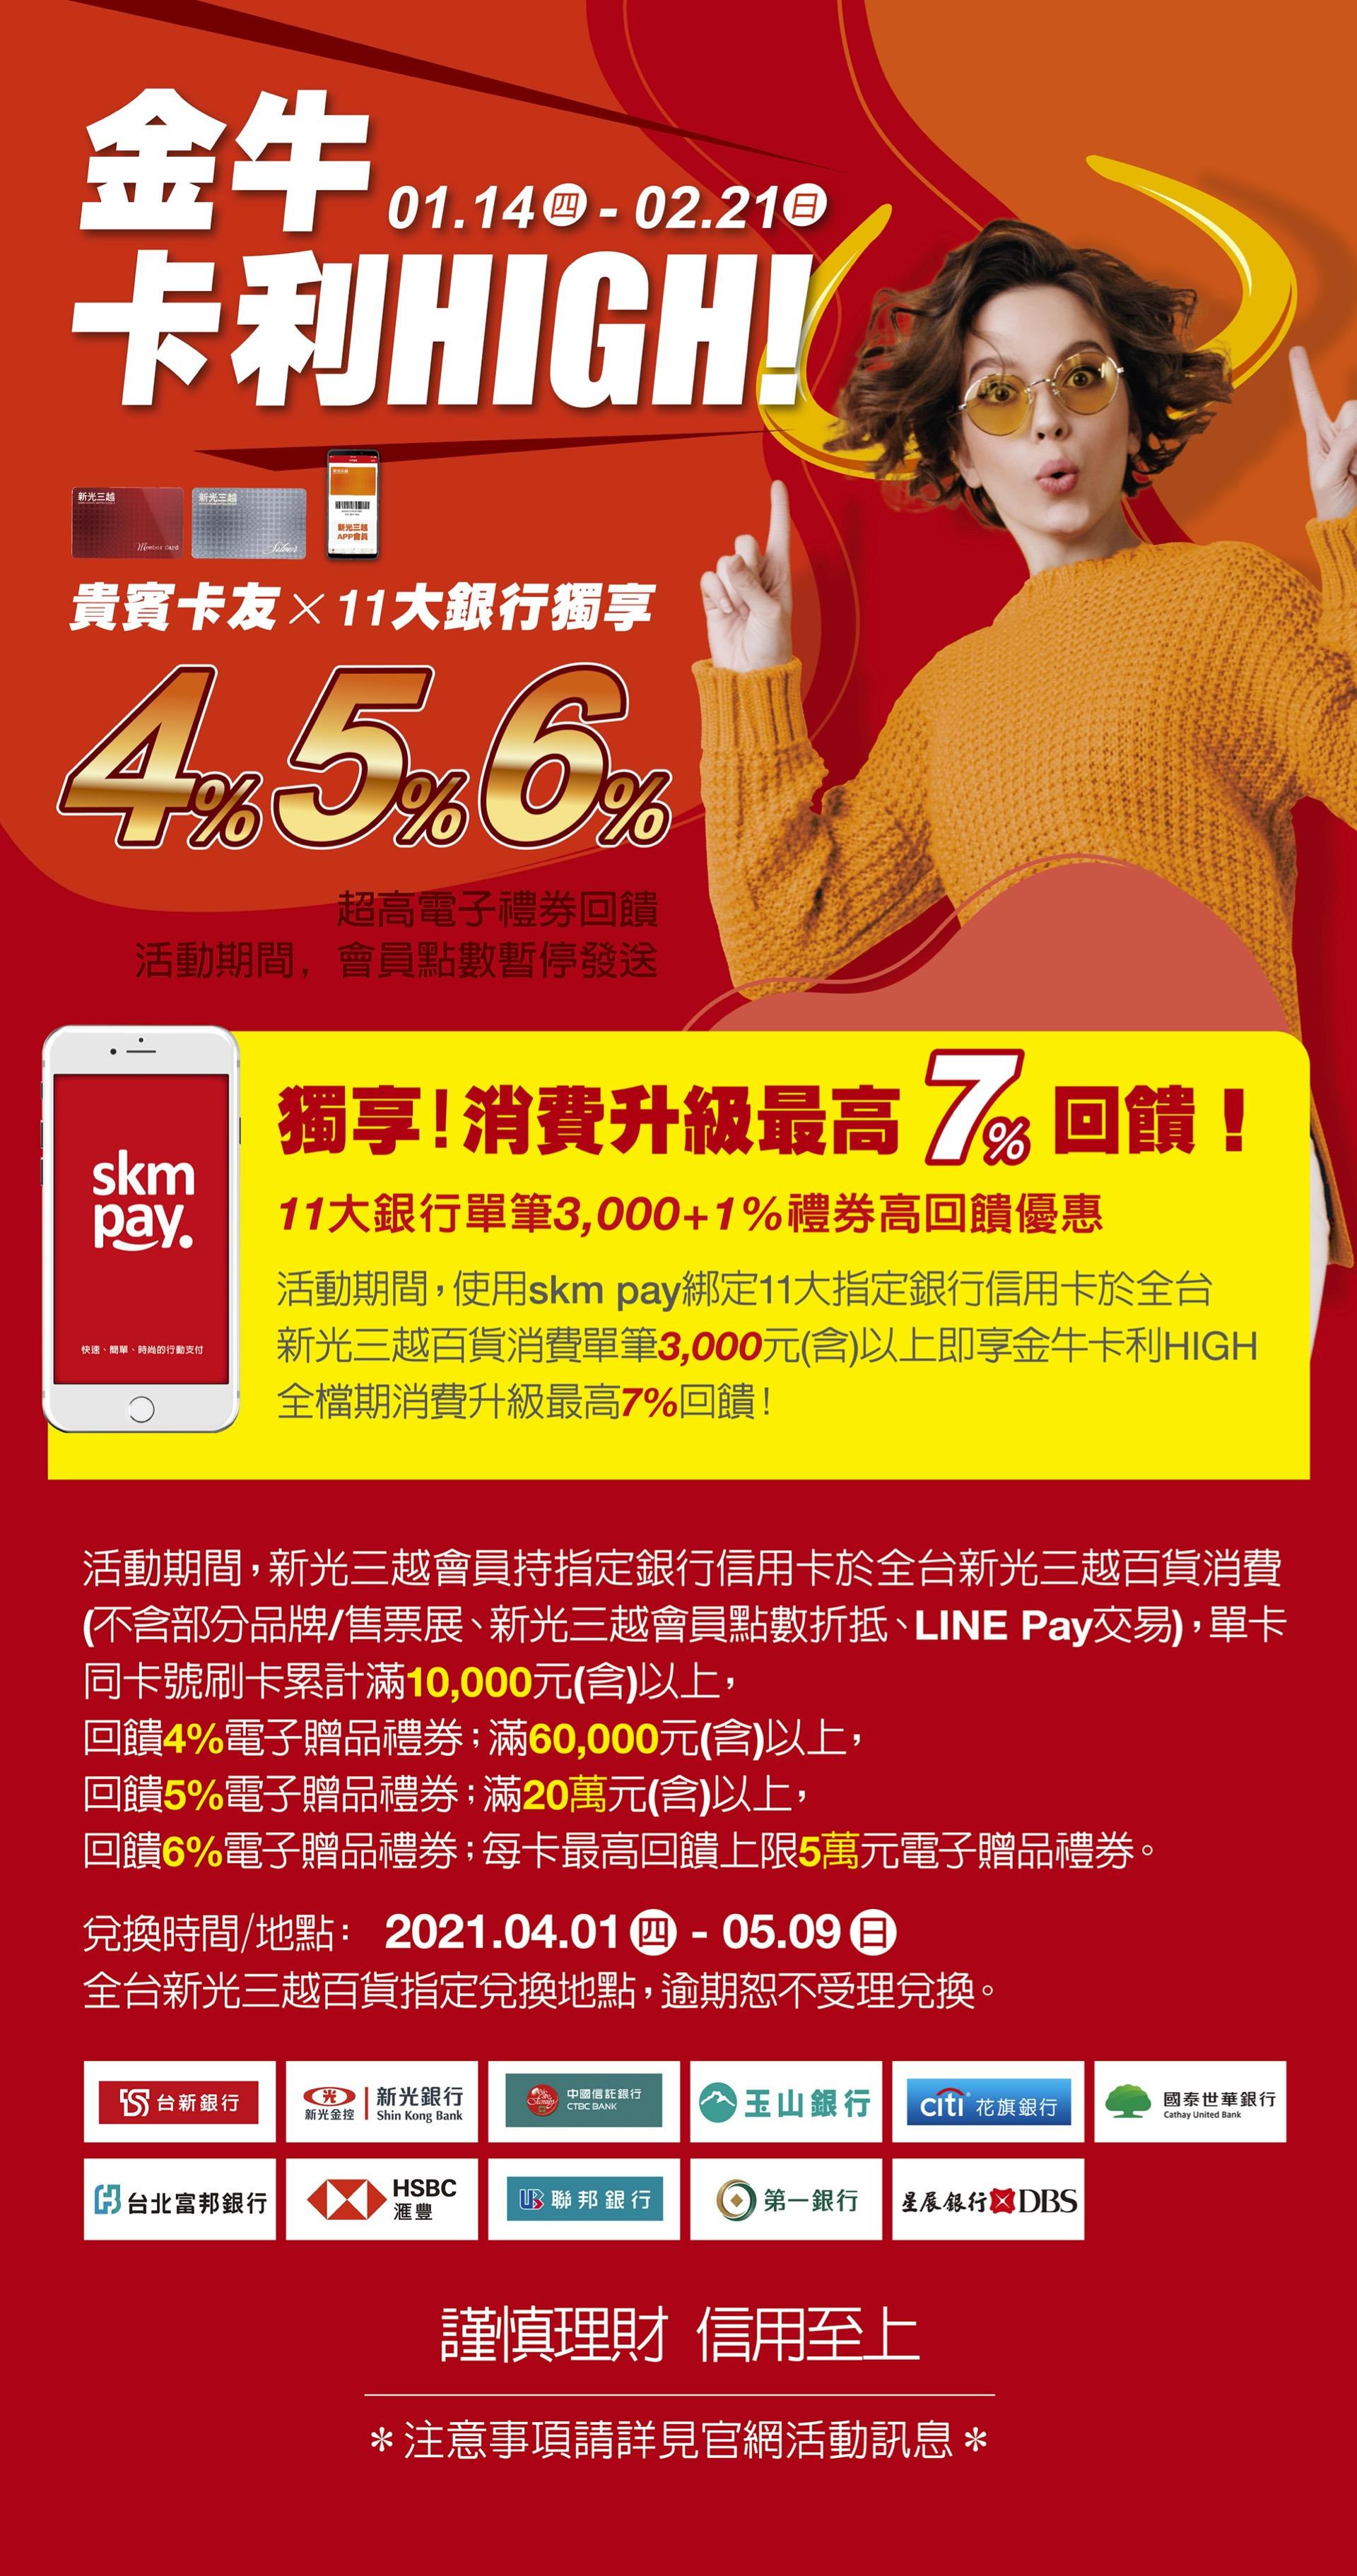 新光三越《台北站前店》西洋情人節 【2021/2/21 止】